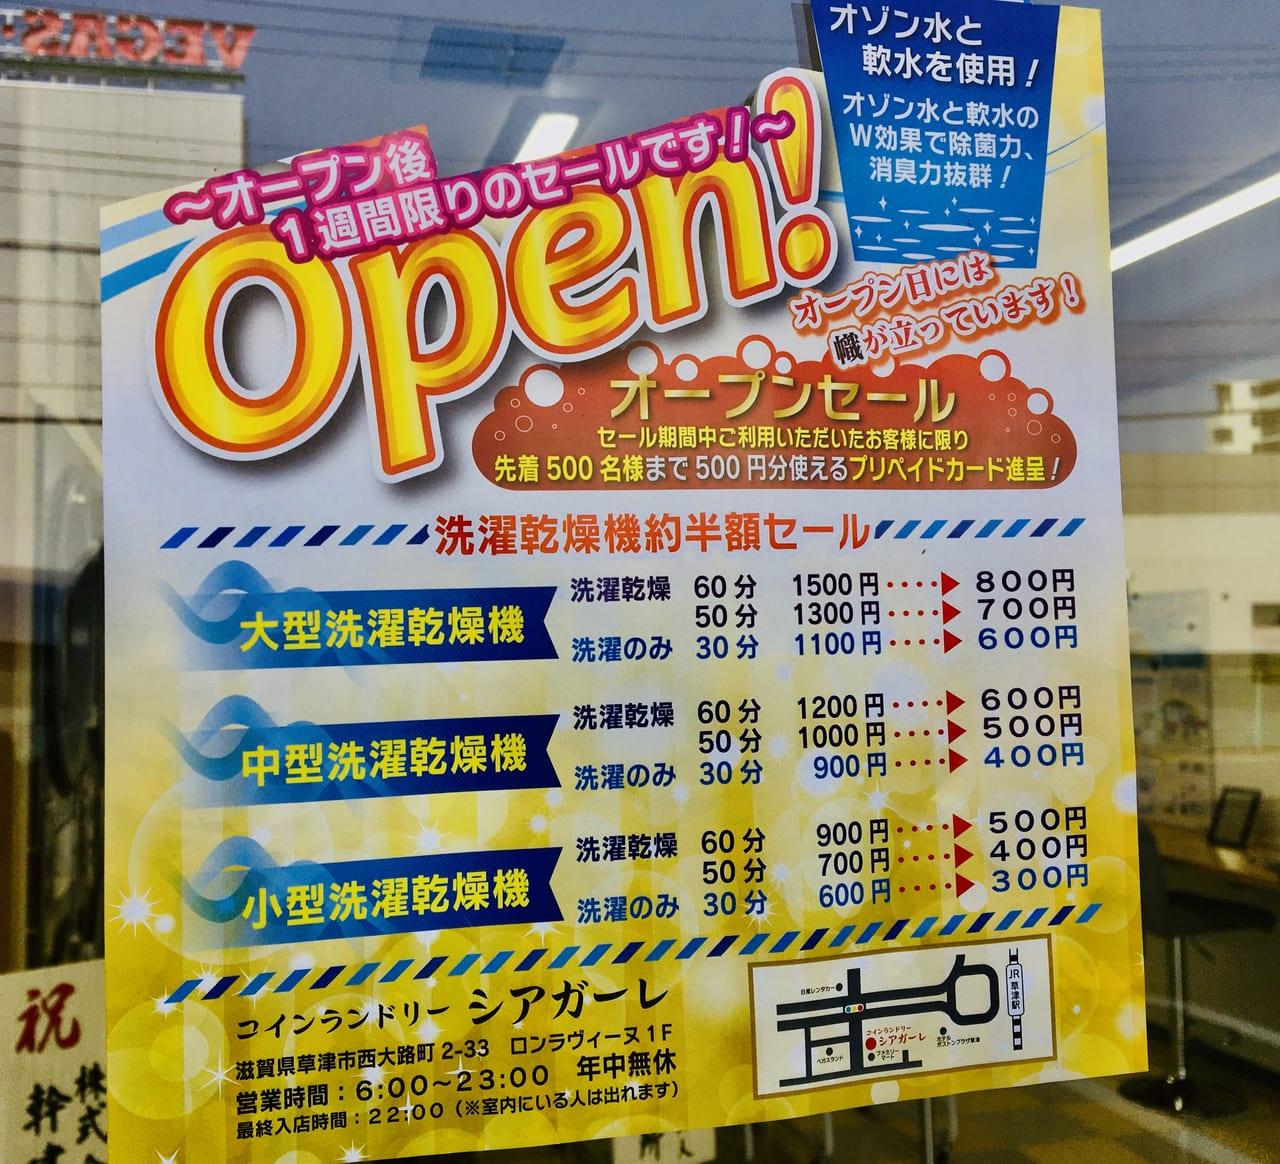 shiagare open